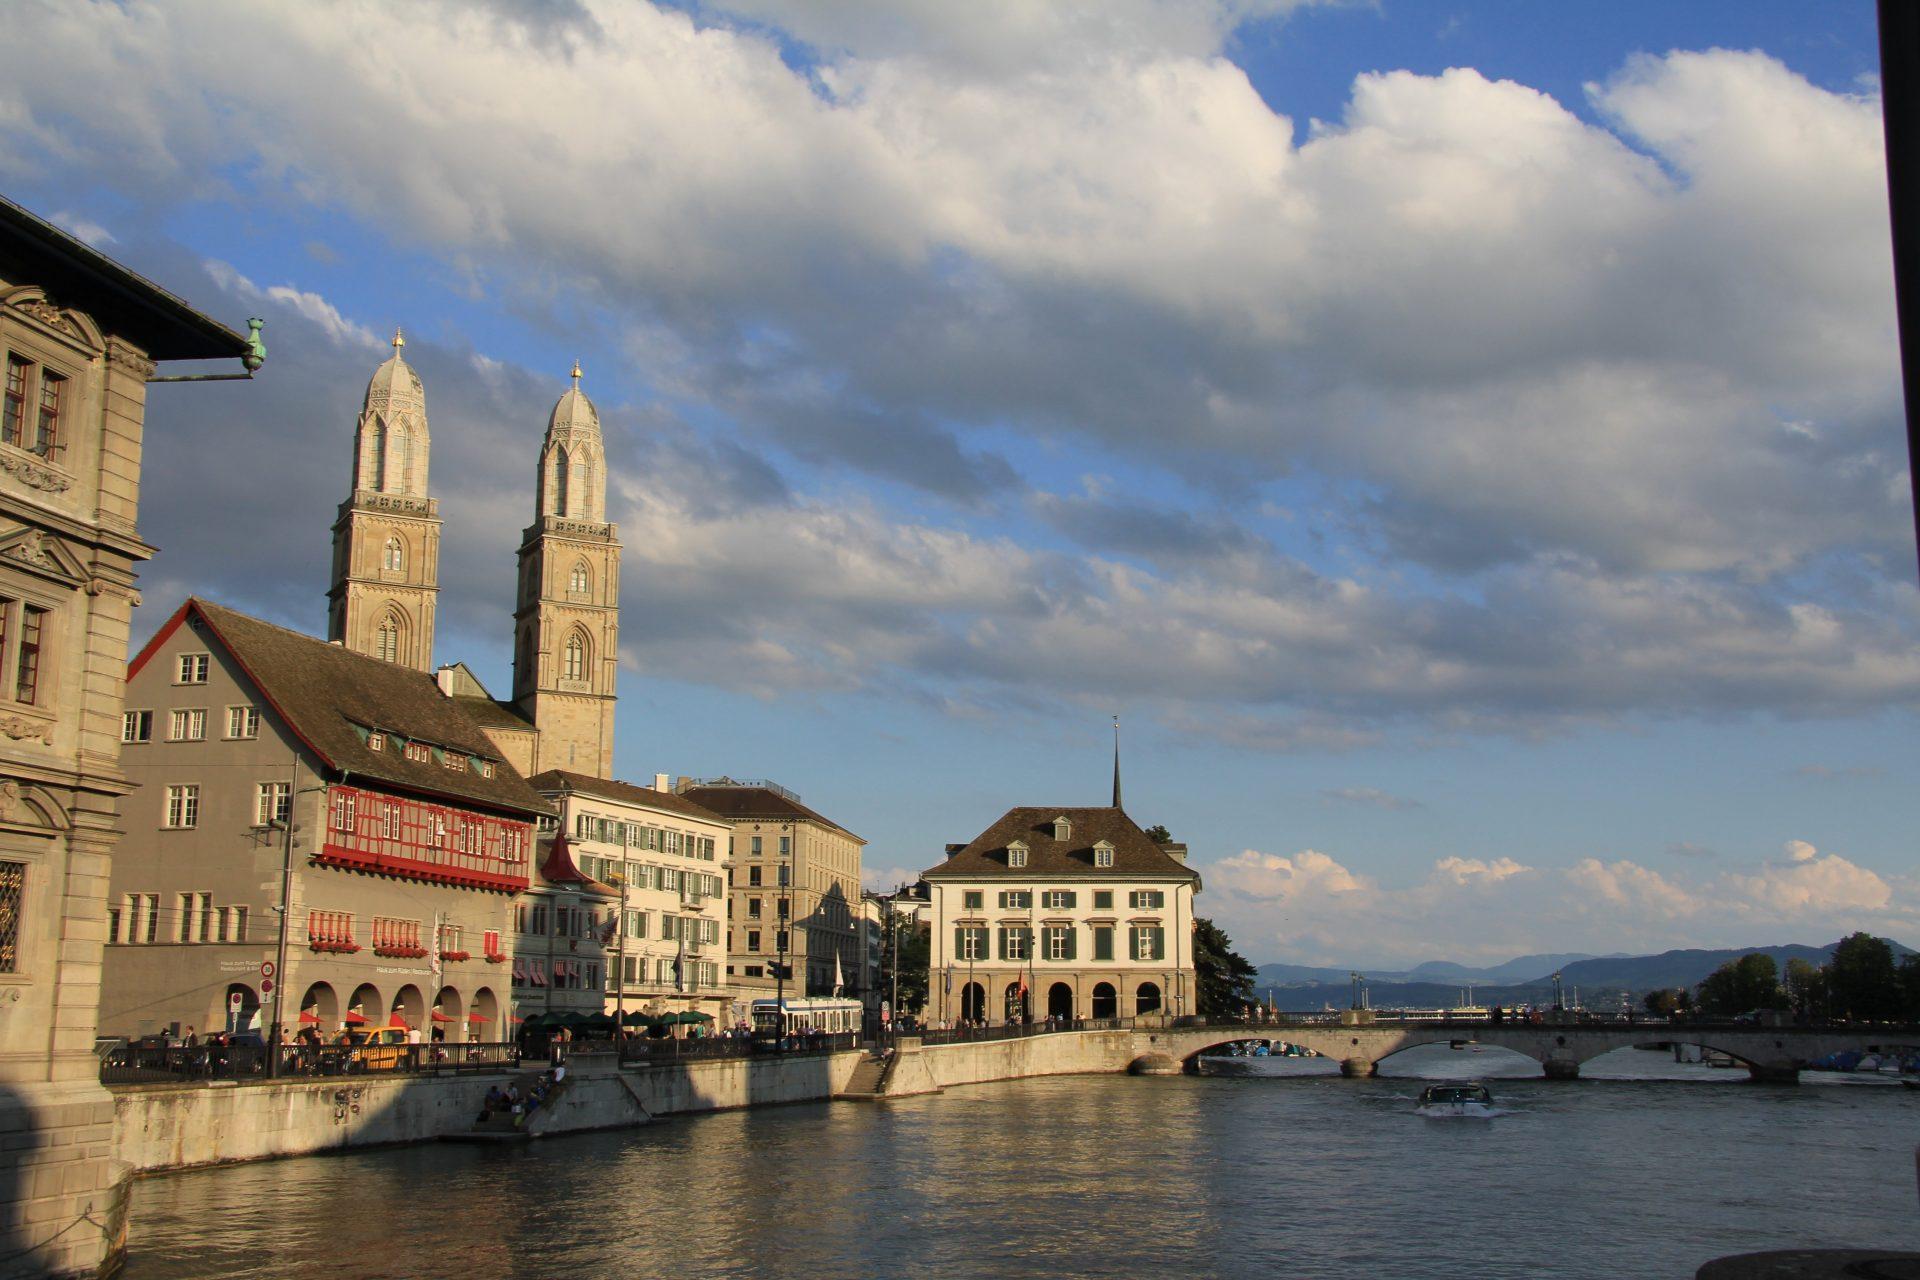 Гросмюнстер, Цюрих, Швейцария. Июль, 2012